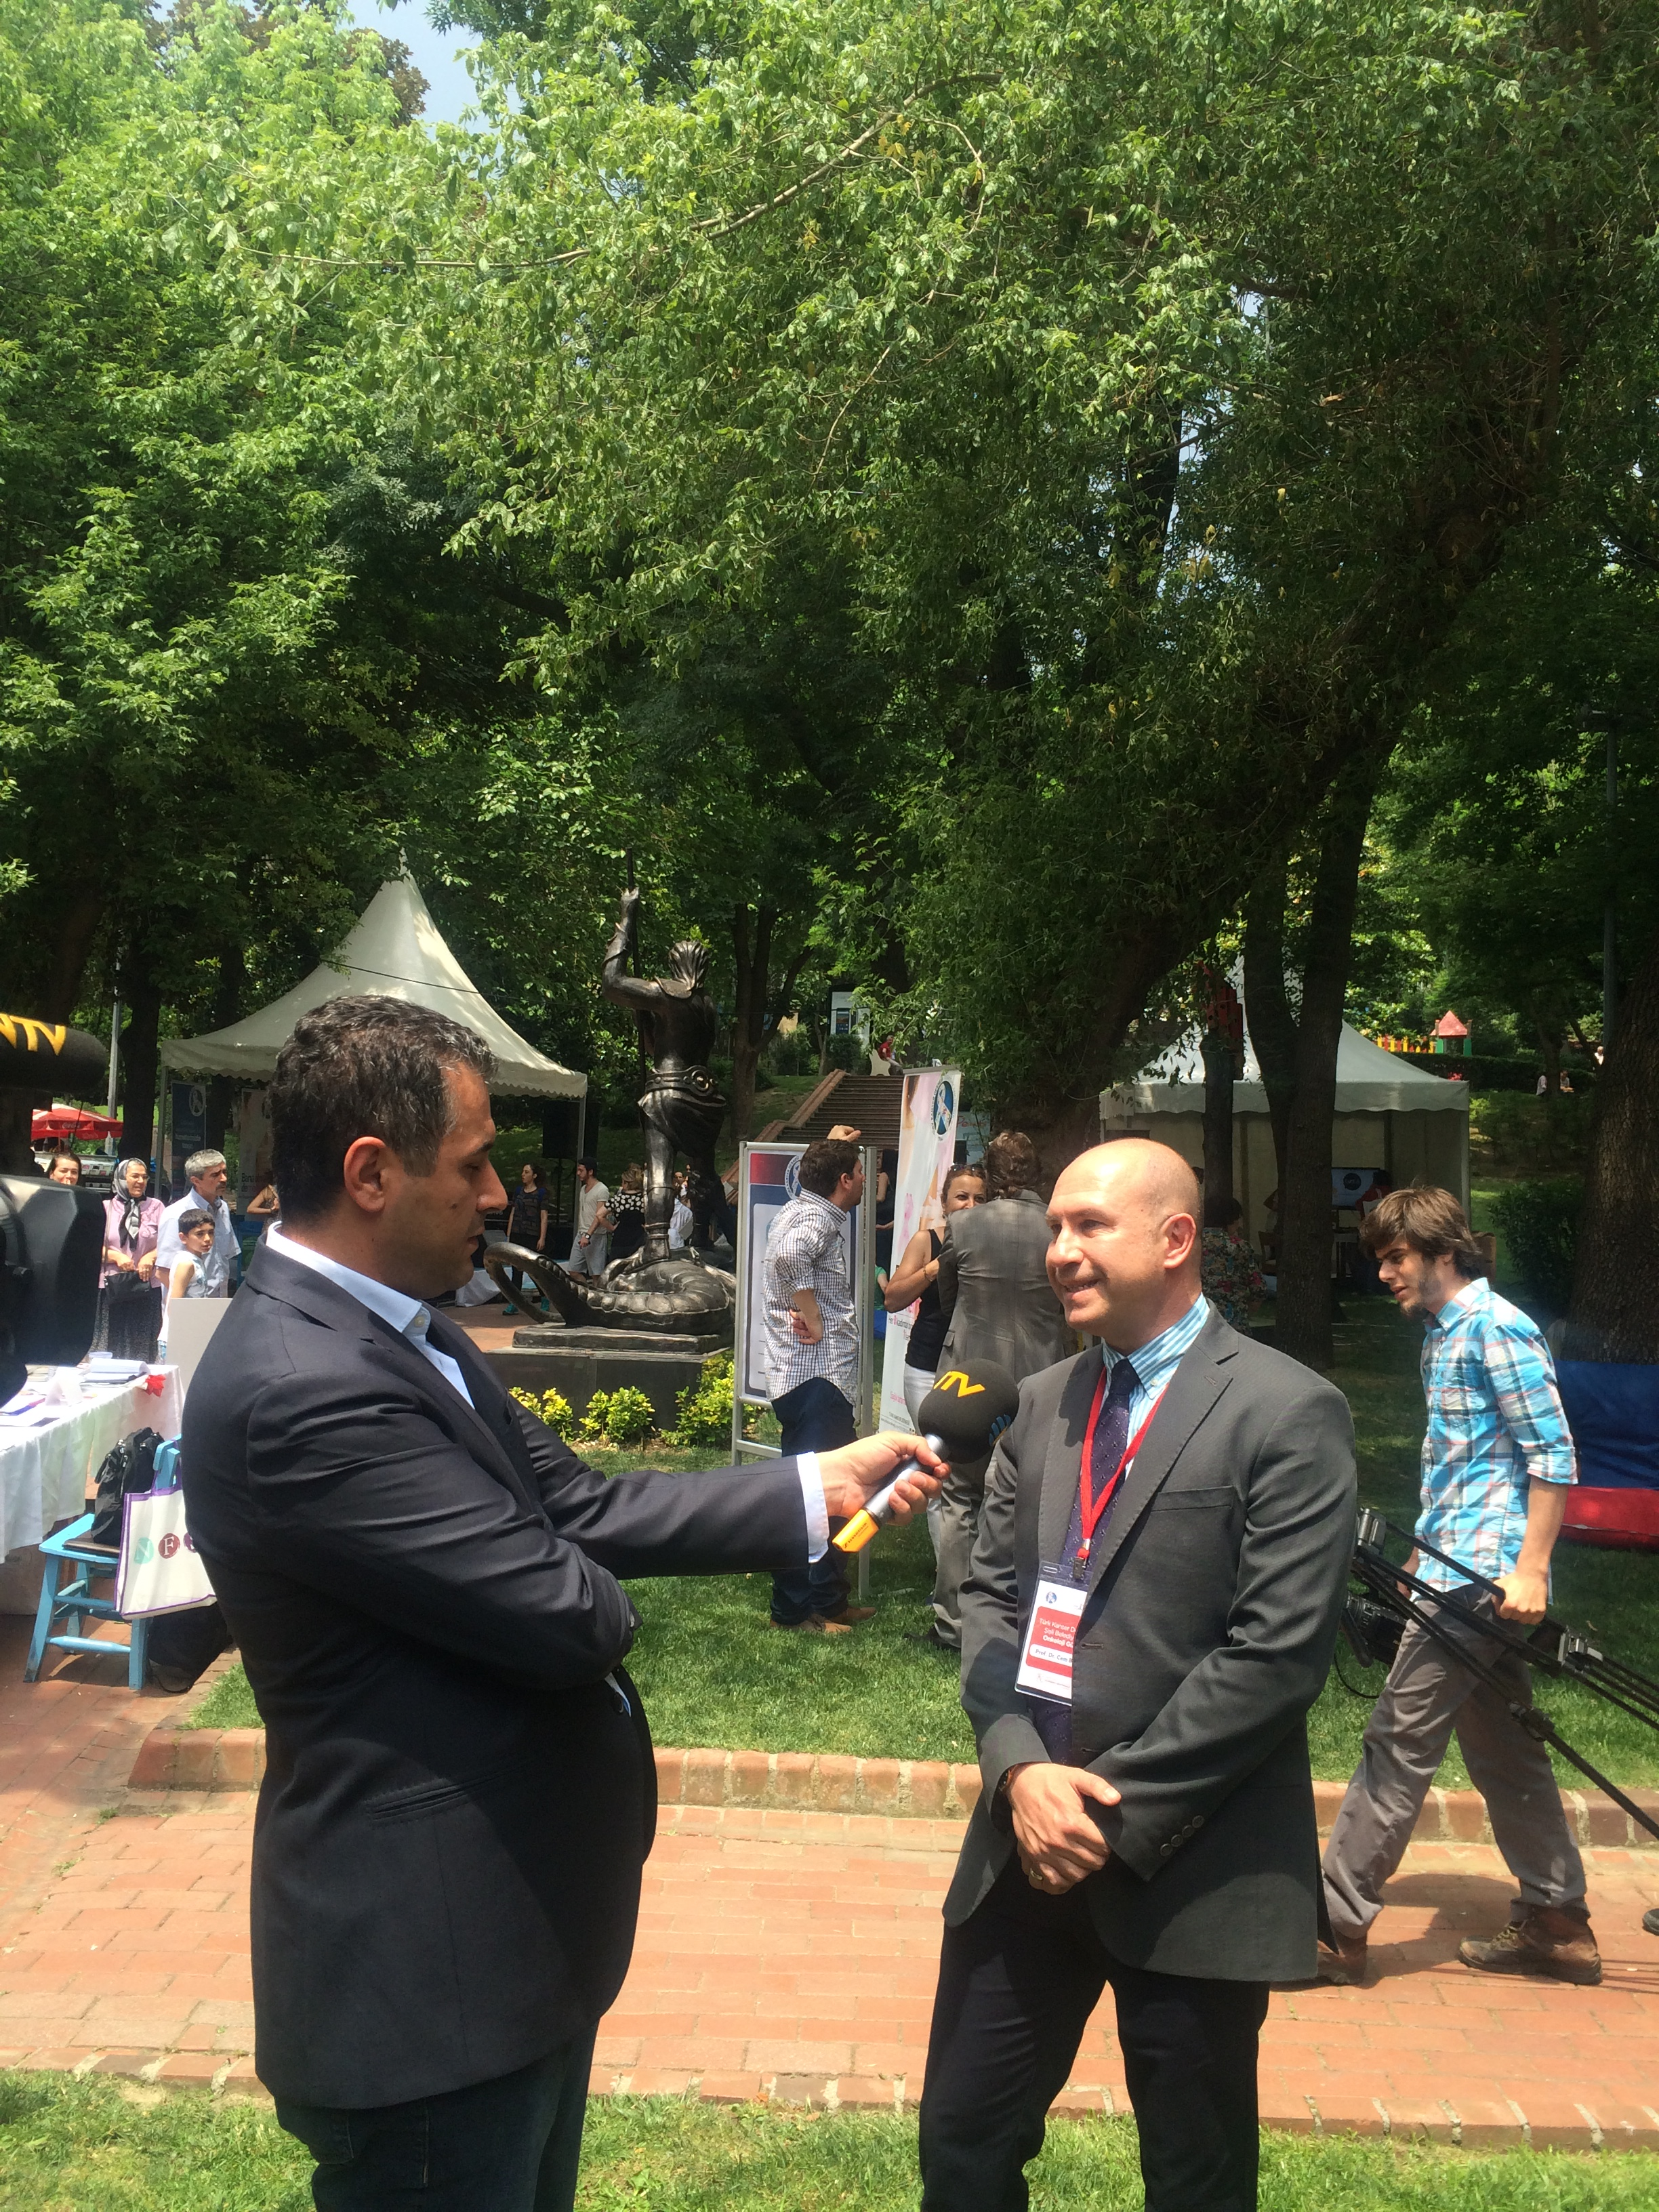 Şişli Belediyesi ile birlikte düzenlediğimiz onkoloji günü - Basında Biz - TÜRK KANSER DERNEĞİ